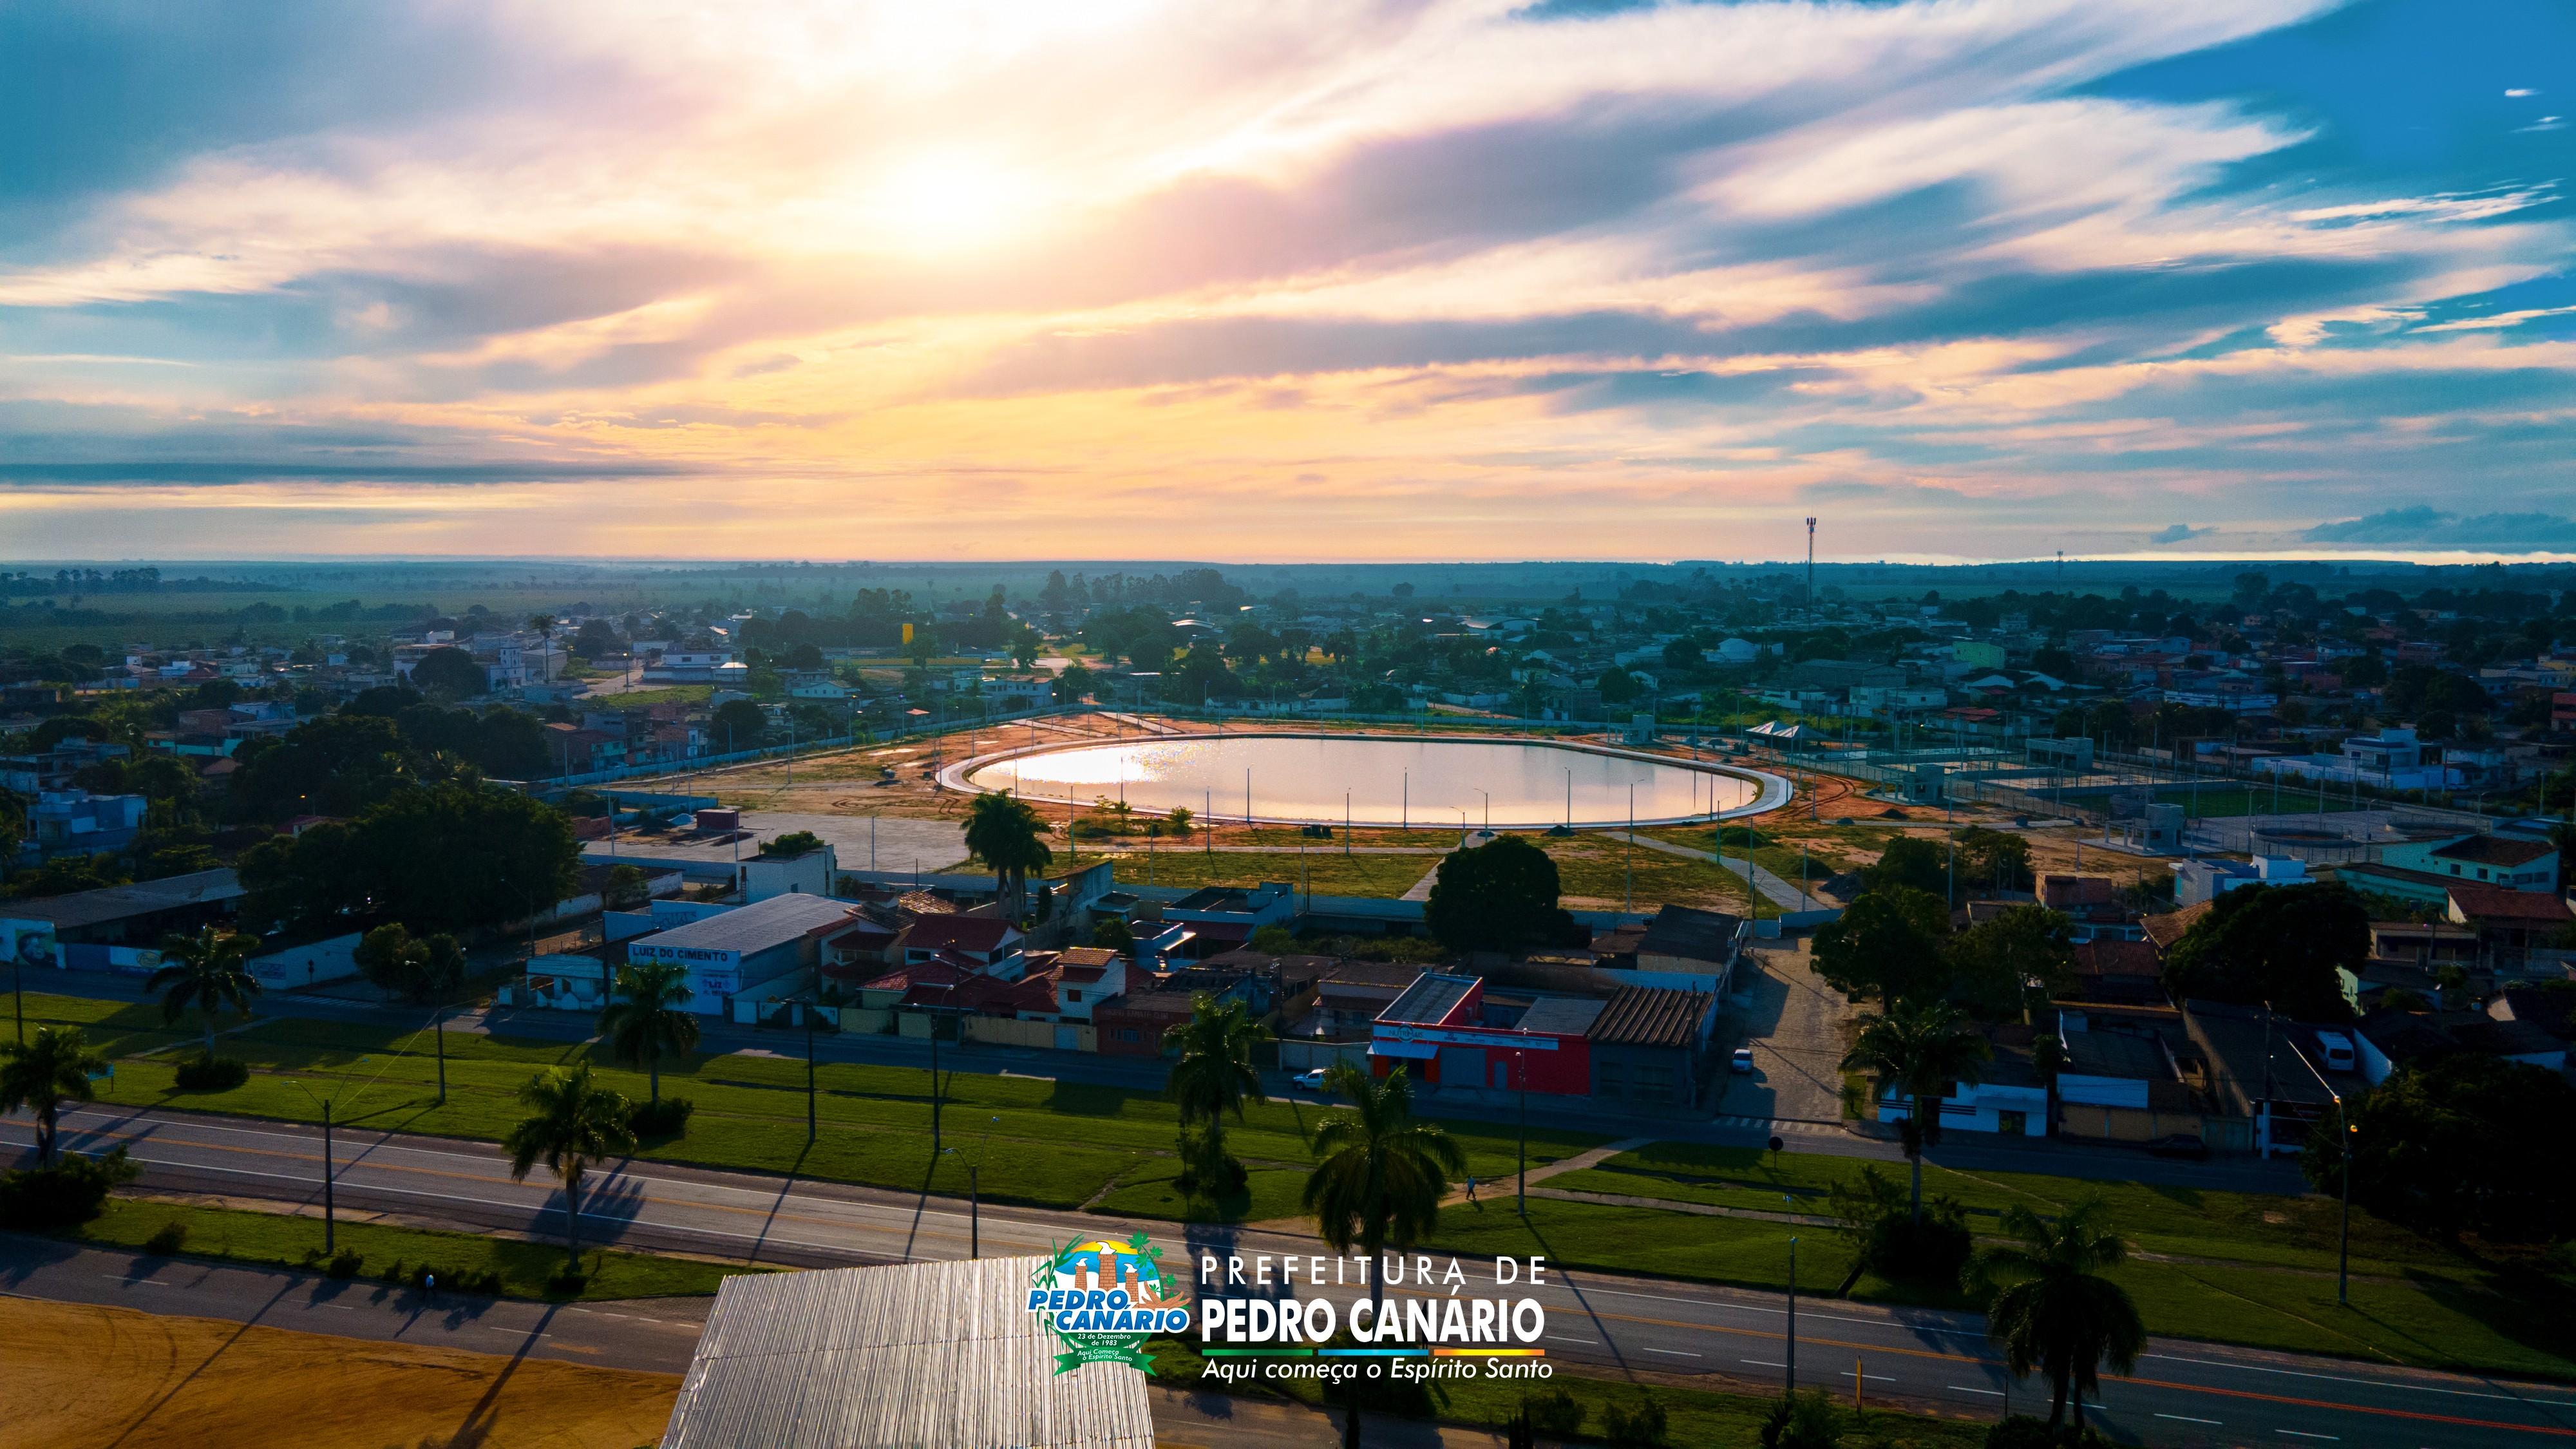 Prefeitura Municipal de Pedro Canário | LinkedIn